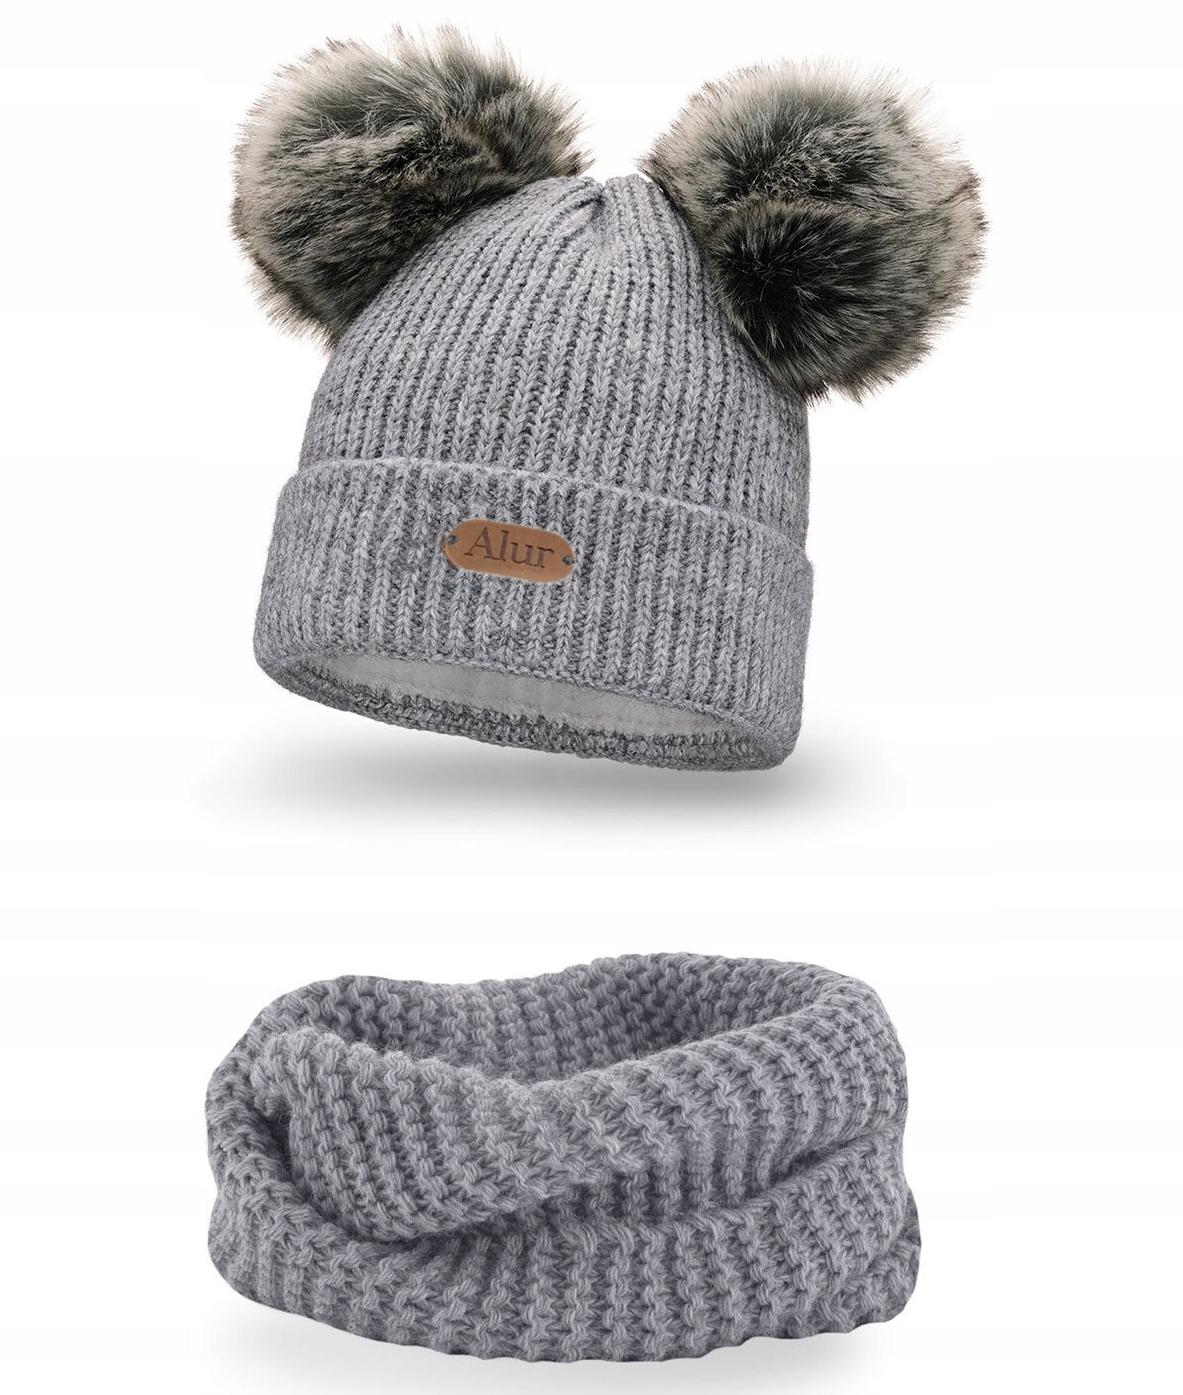 Польский комплект шляпа с полем, цвет 3-15 лет